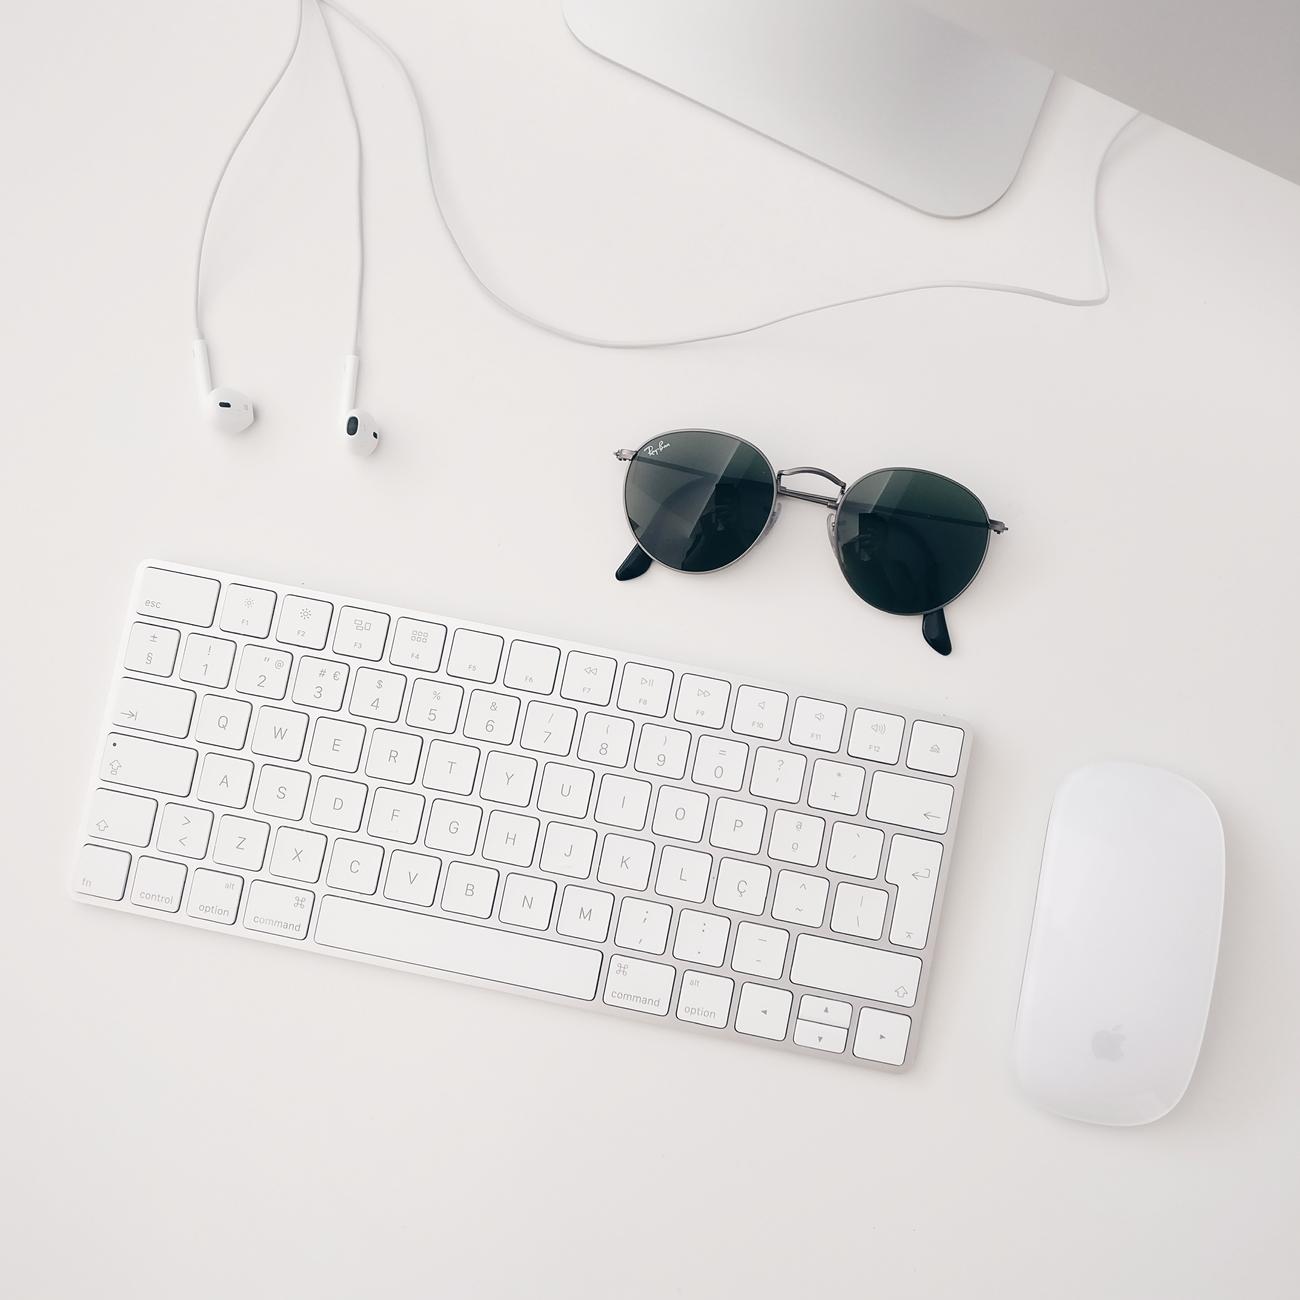 PCはキーボードで入力速度が高まる